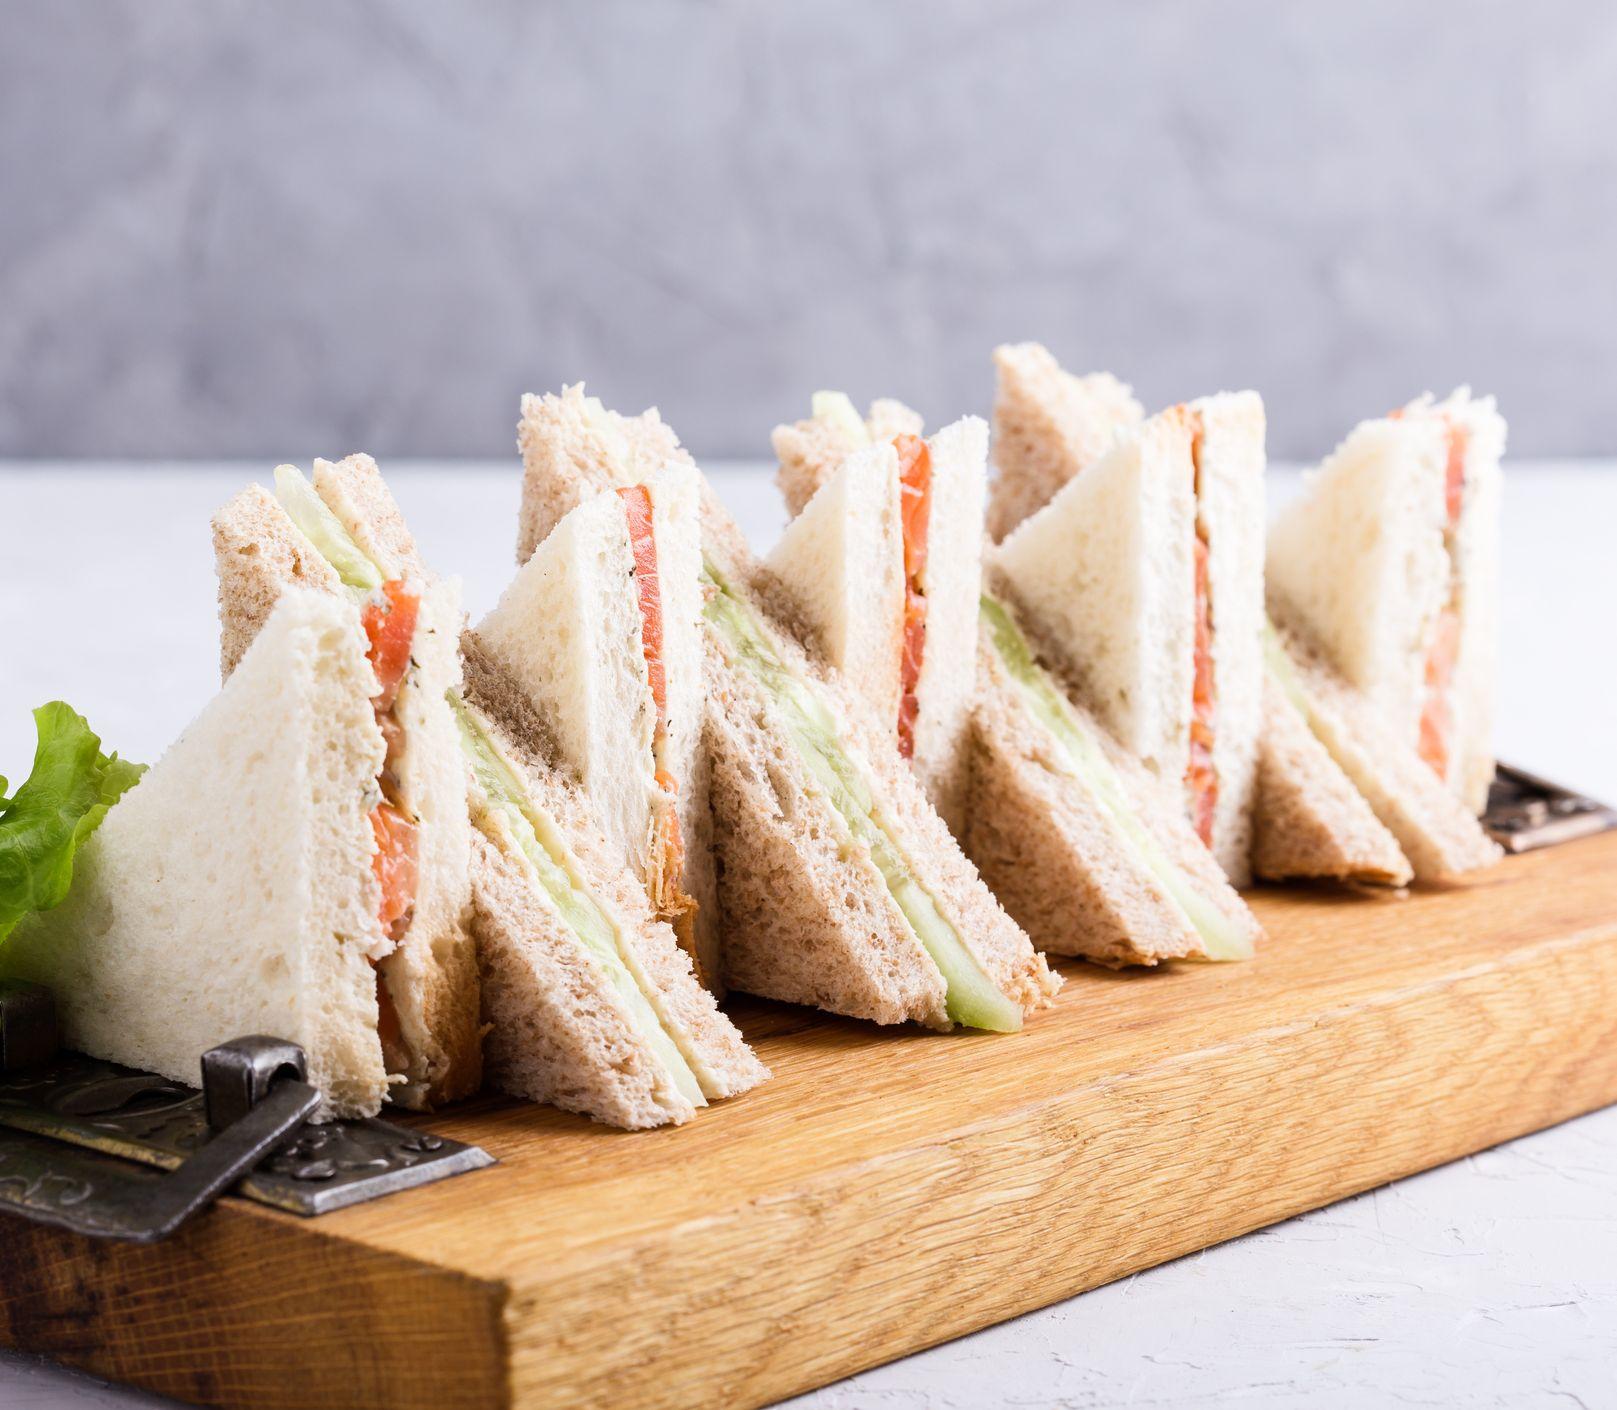 Obed so sebou alebo chutná večera: Inšpirujte sa chuťou týchto troch sendvičov